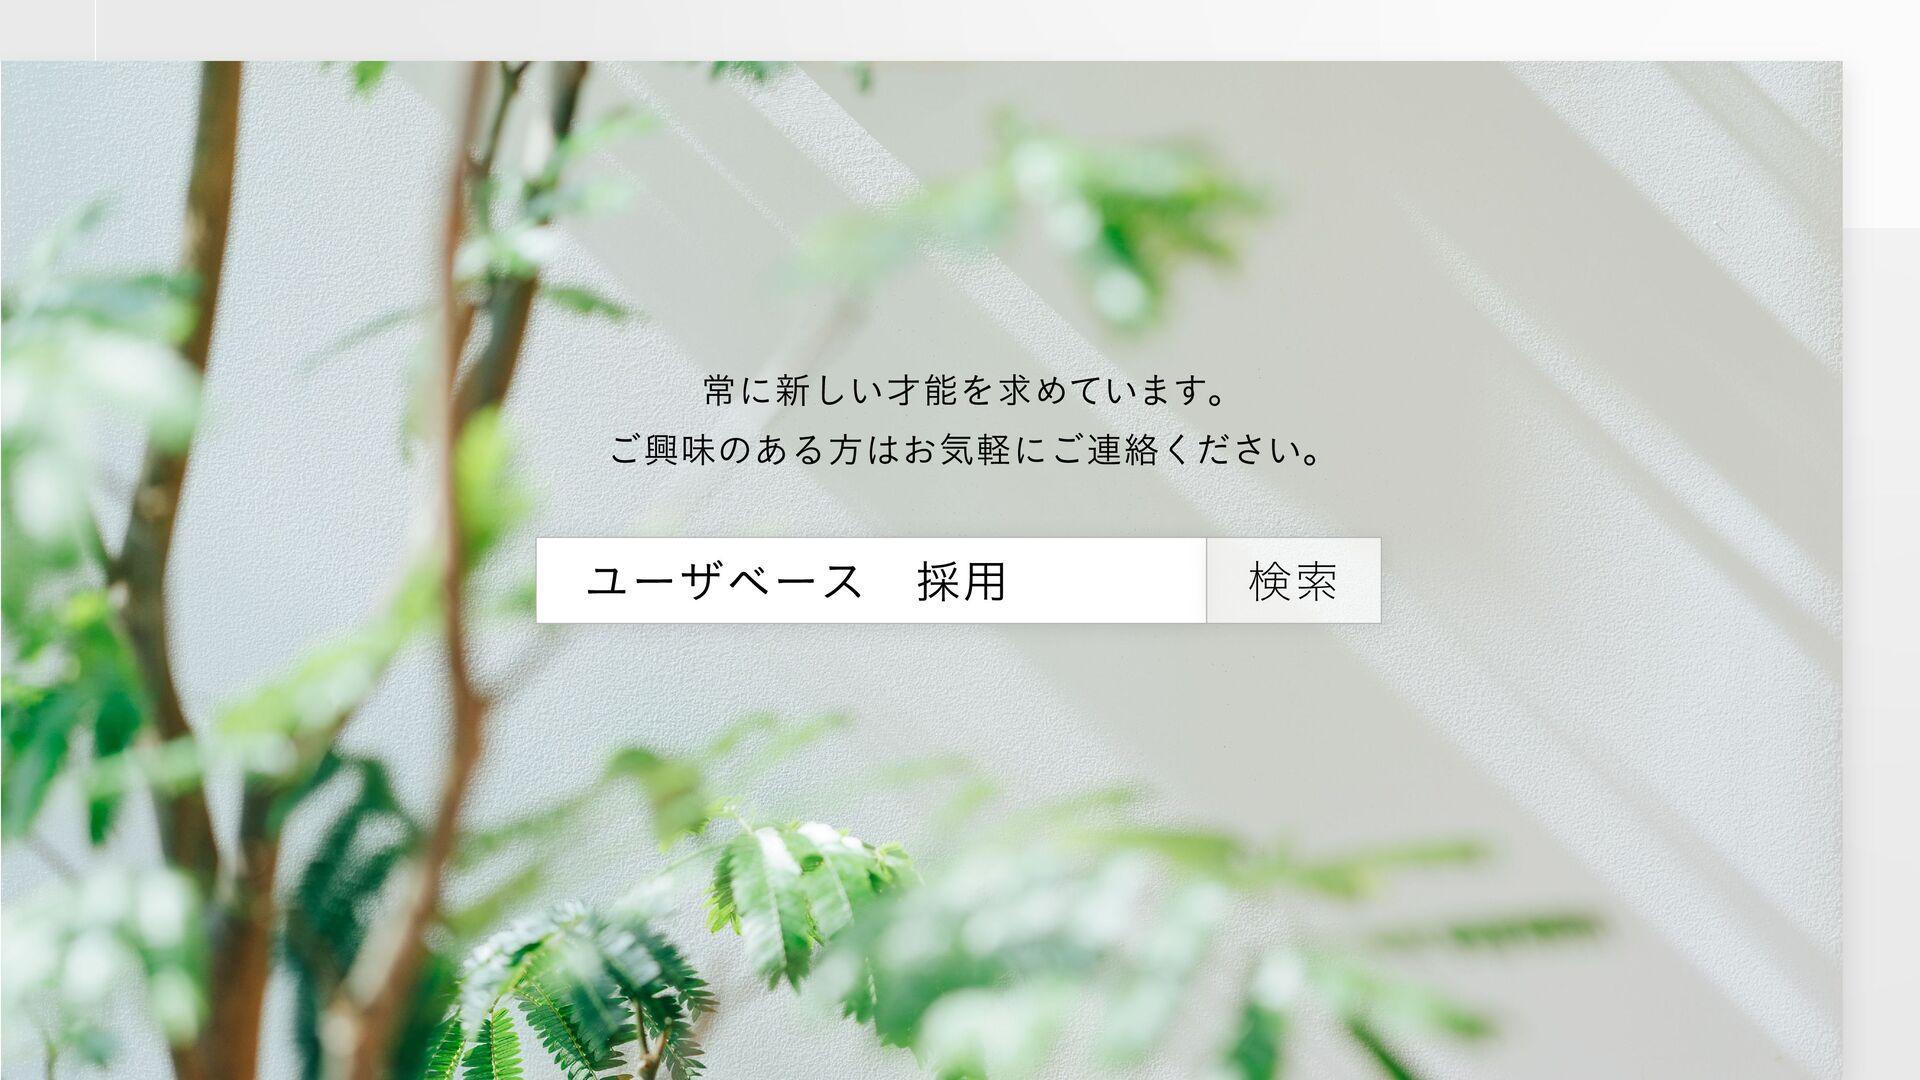 Challenge 07 ͋ΒΏΔσʔλΛ׆༻ͯ͠ νʔϜ࿈ܞ͠ͳ͕ΒۀઓུΛڞ͢Δ Ch...